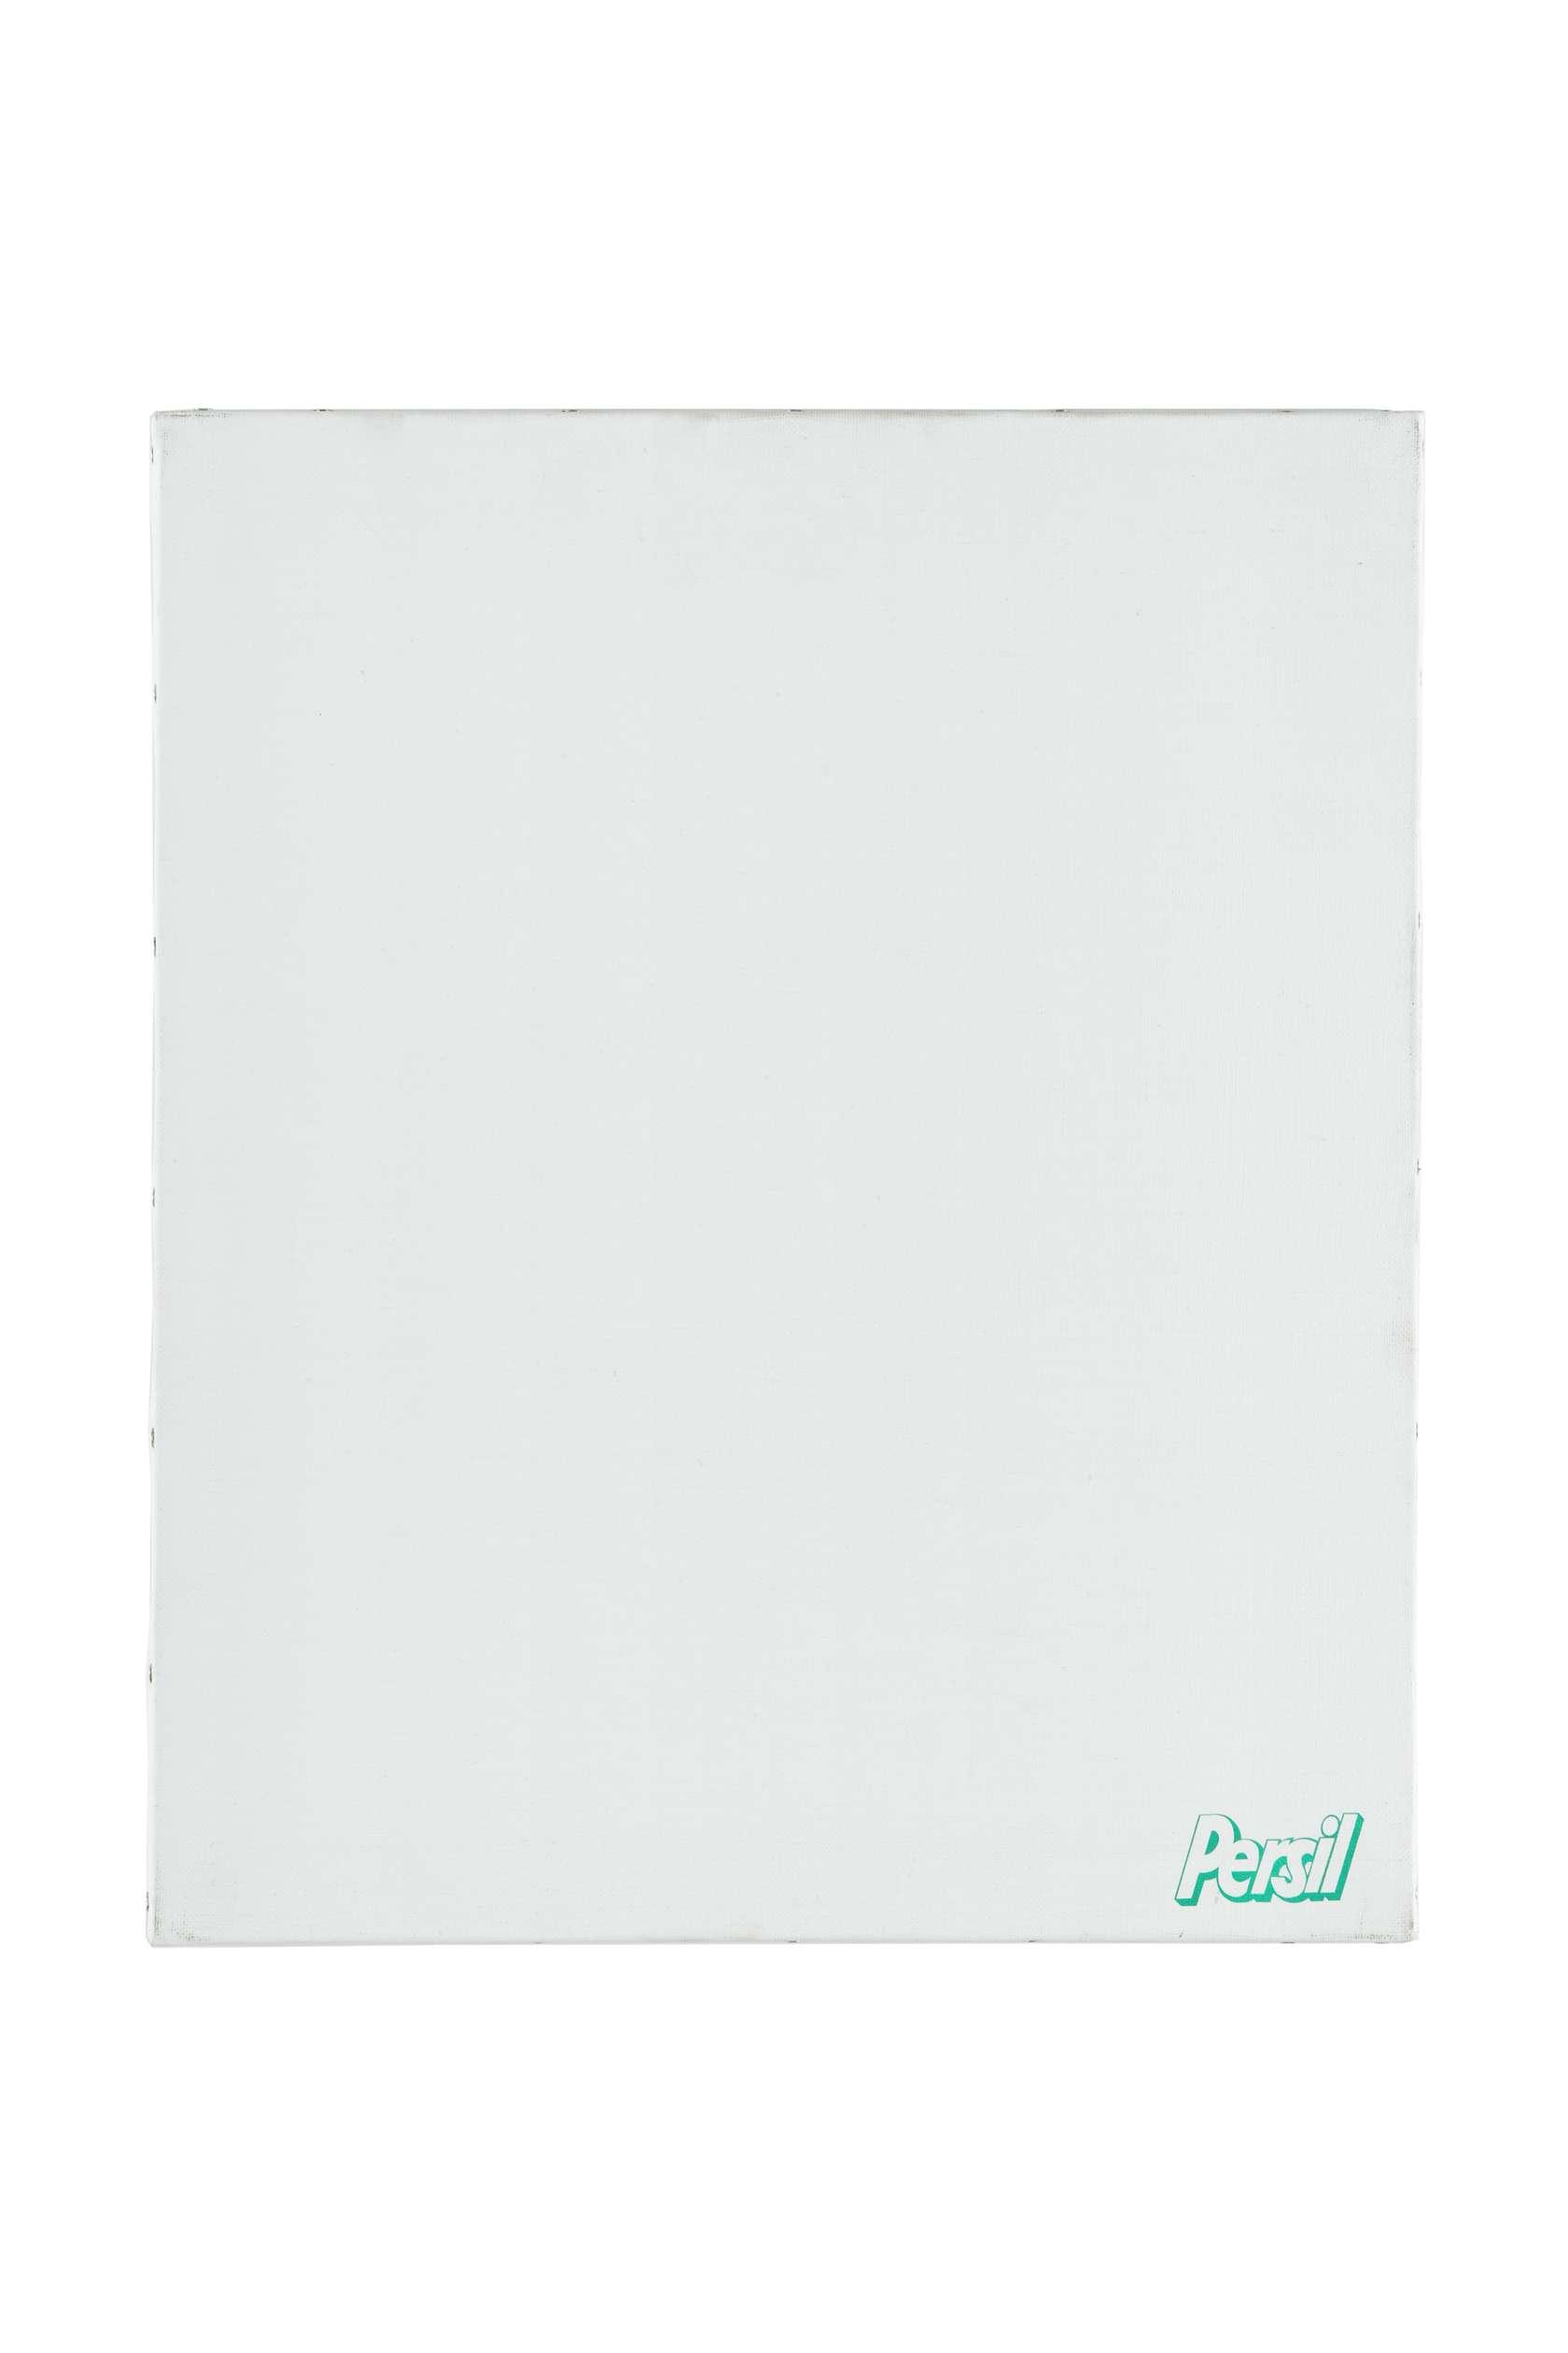 Présence Panchounette, Monochrome lessive (Persil), 1988 Acrylique et décalcomanie sur toile